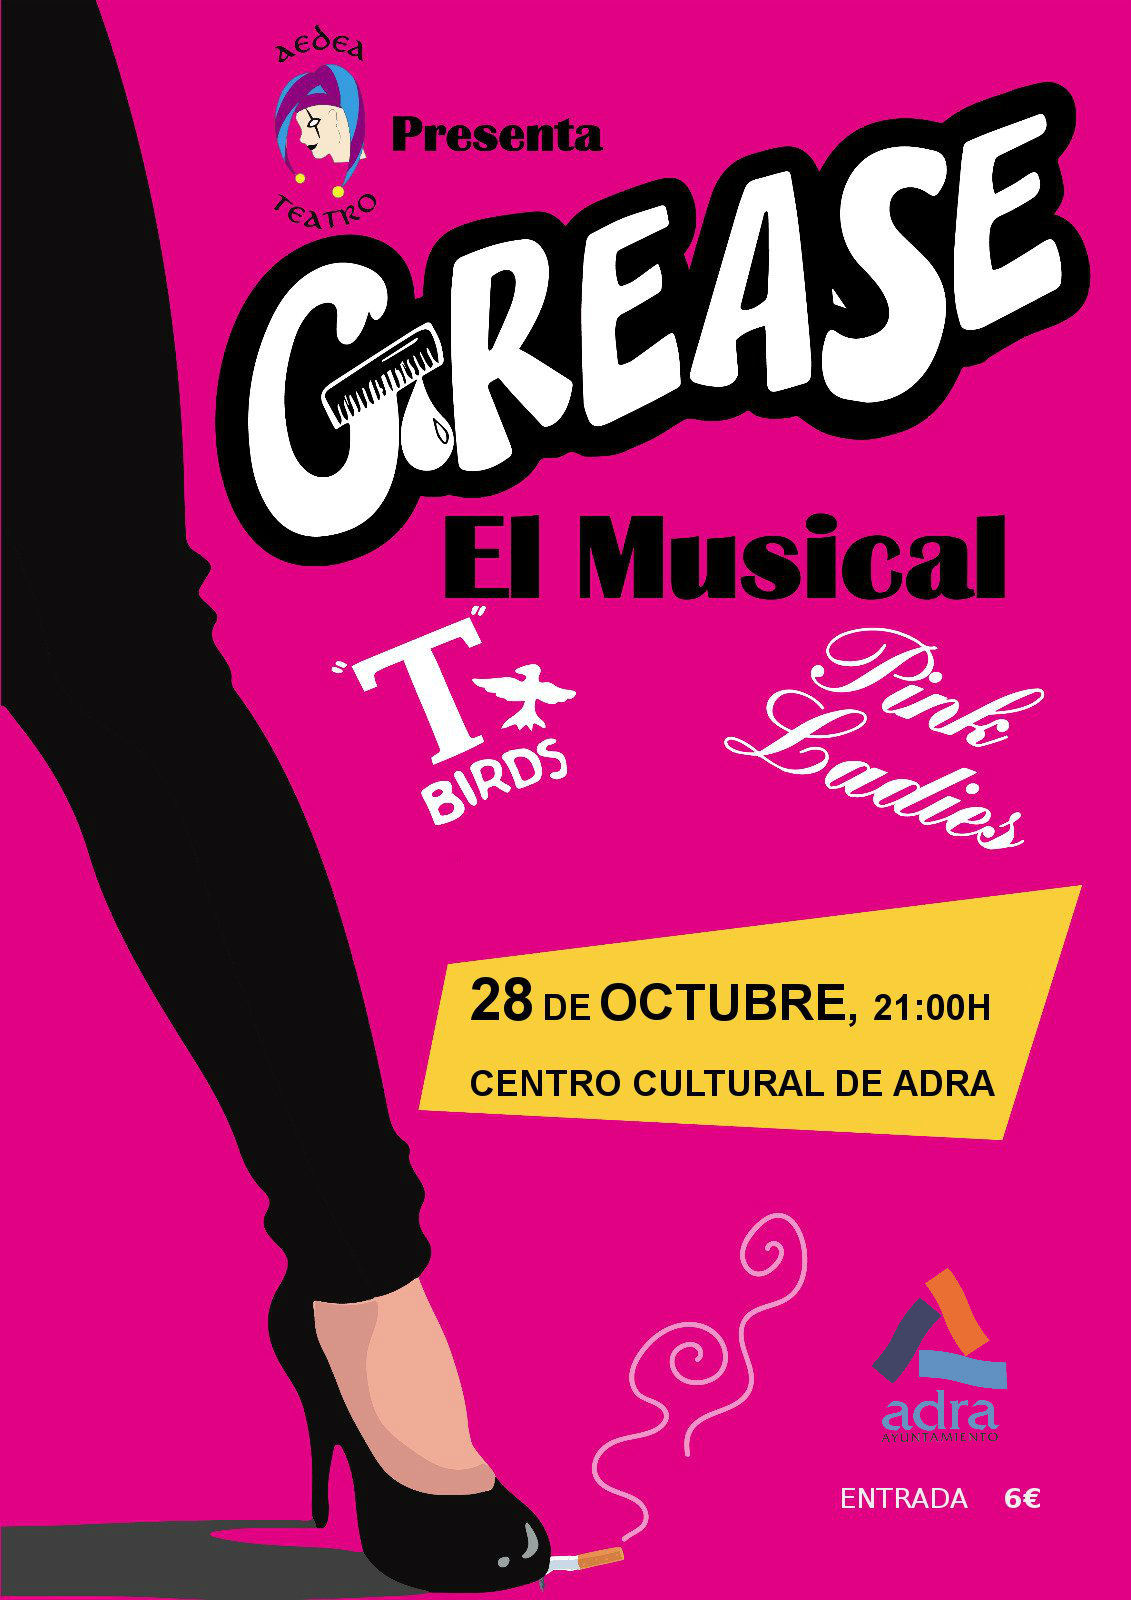 El Centro Cultural de Adra recibe el próximo 28 de octubre el musical de Grease